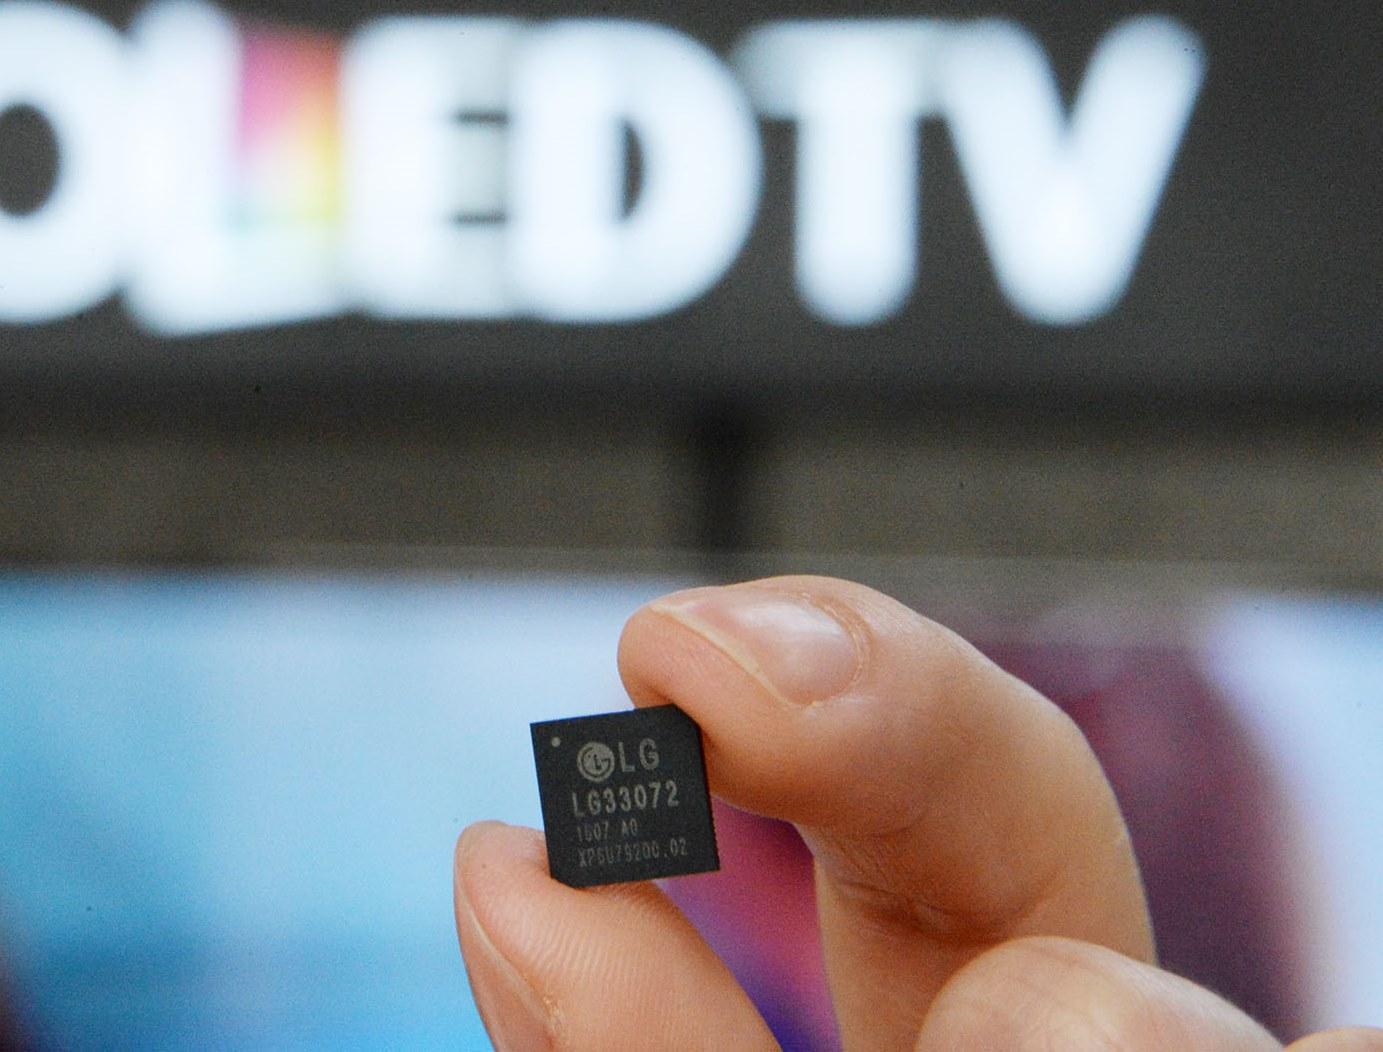 시청자는 LG전자가 개발한 LG3307 수신 칩을 내장한 TV만 있으면 별도의 셋톱박스가 없어도 UHD 수준의 초고화질 방송을 지상파 TV로 즐길 수 있다. LG3307 수신 칩은 현재 국내의 지상파 방송 규격은 물론 케이블 방송 국제 전송 규격인 QAM(Quadrature Amplitude Modulation)과도 호환된다.